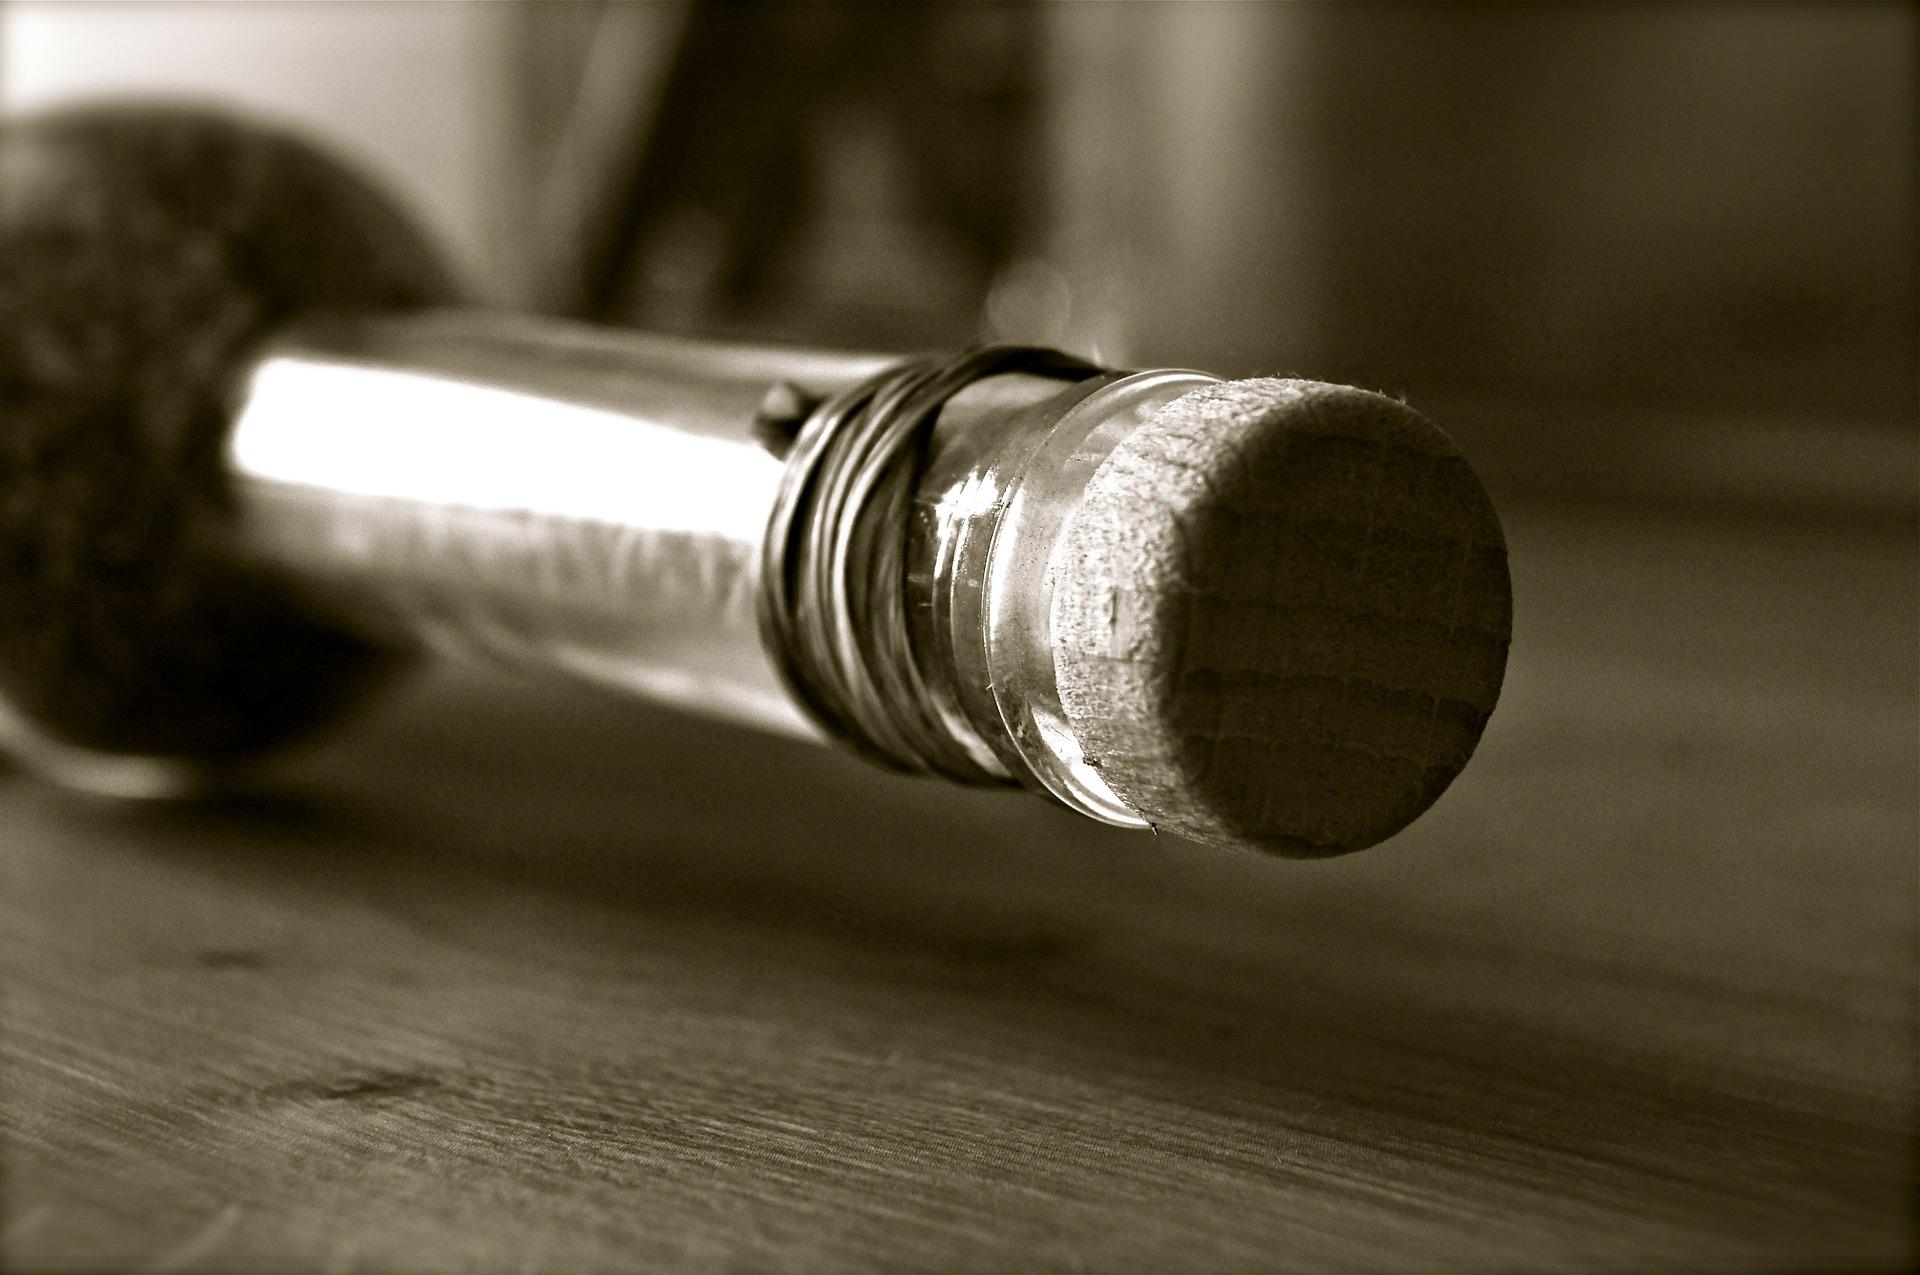 bottle-92418_1920.jpg